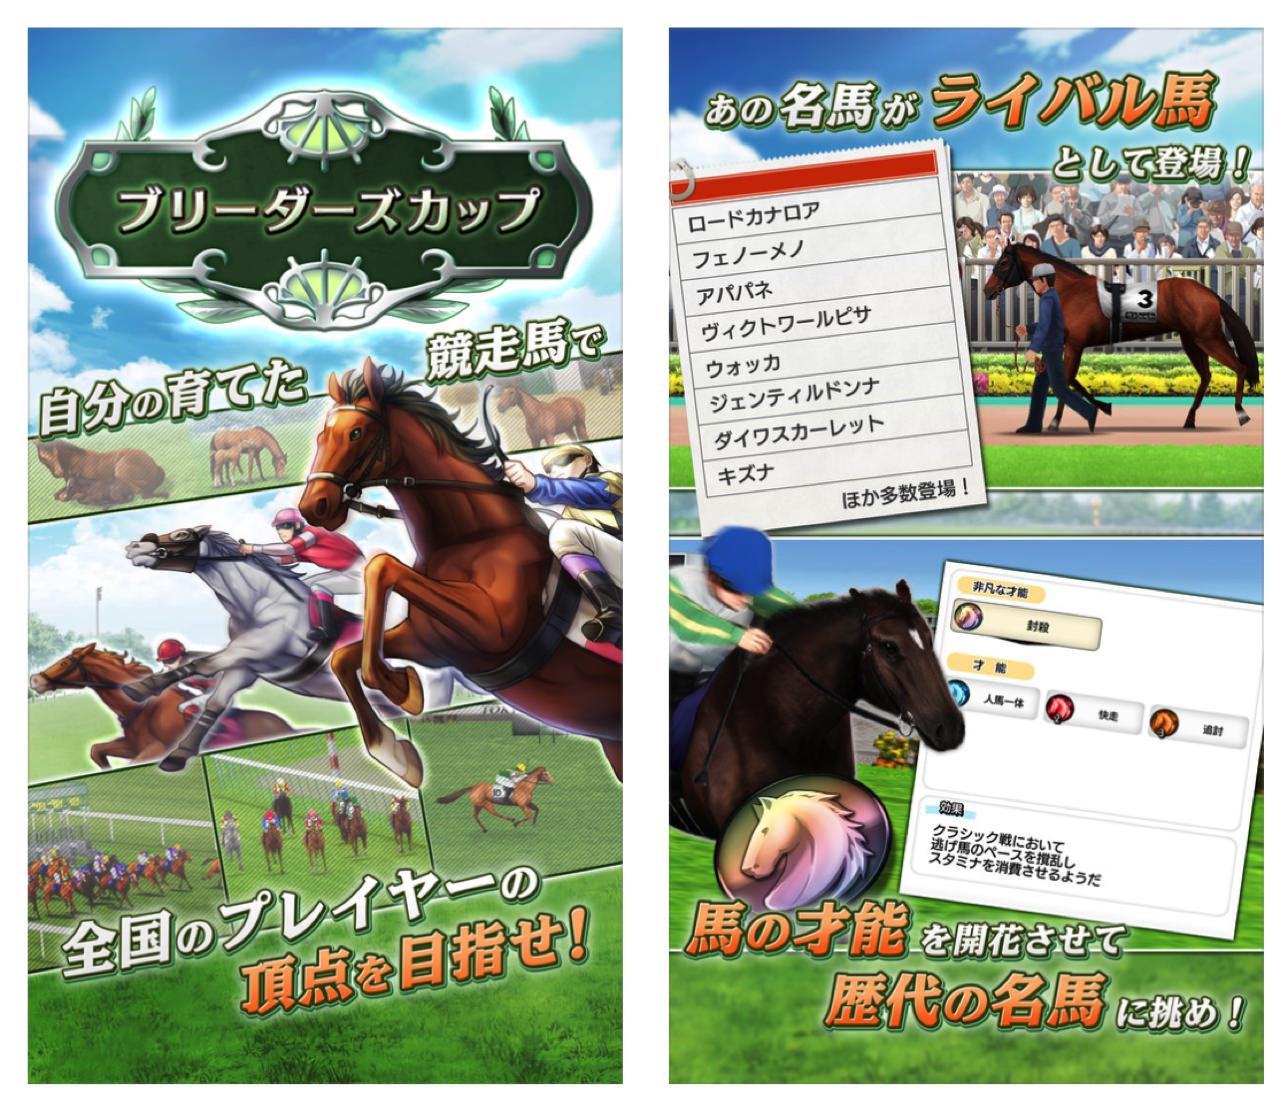 Derby stallion masters3